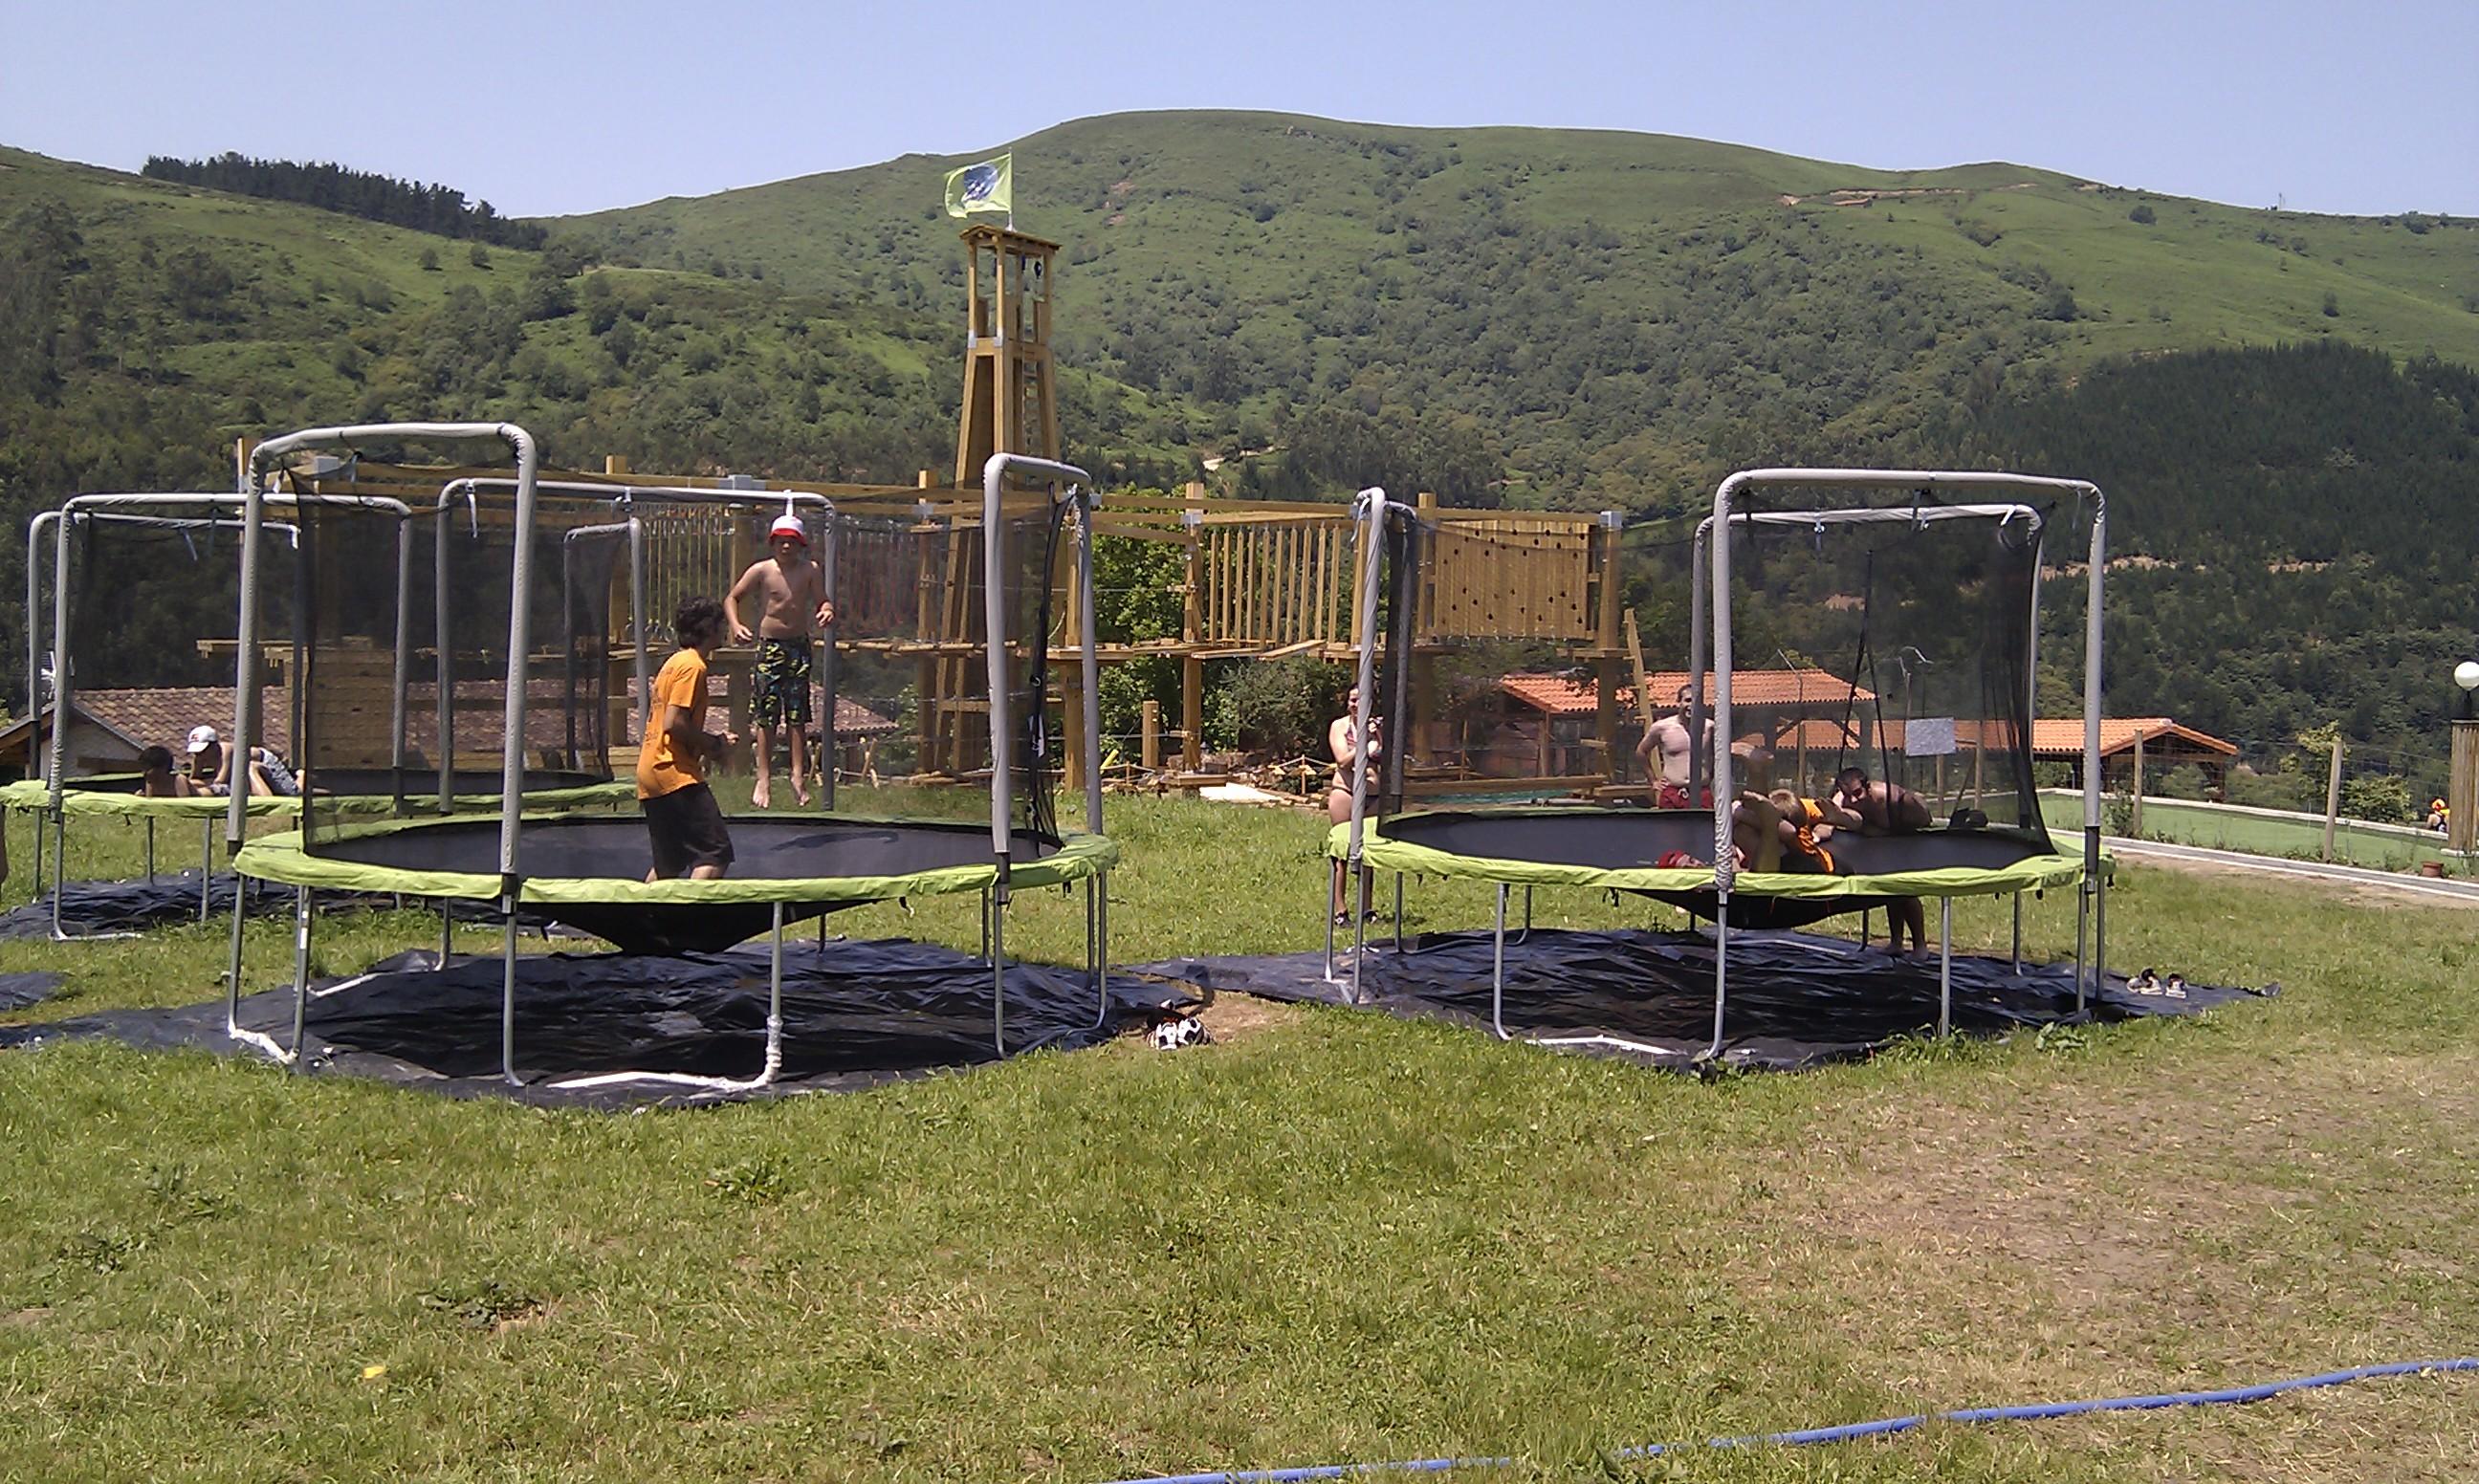 camas_elásticas_Cantabria_Parque_multiaventura_ocio_juegos_cabuerniaventura